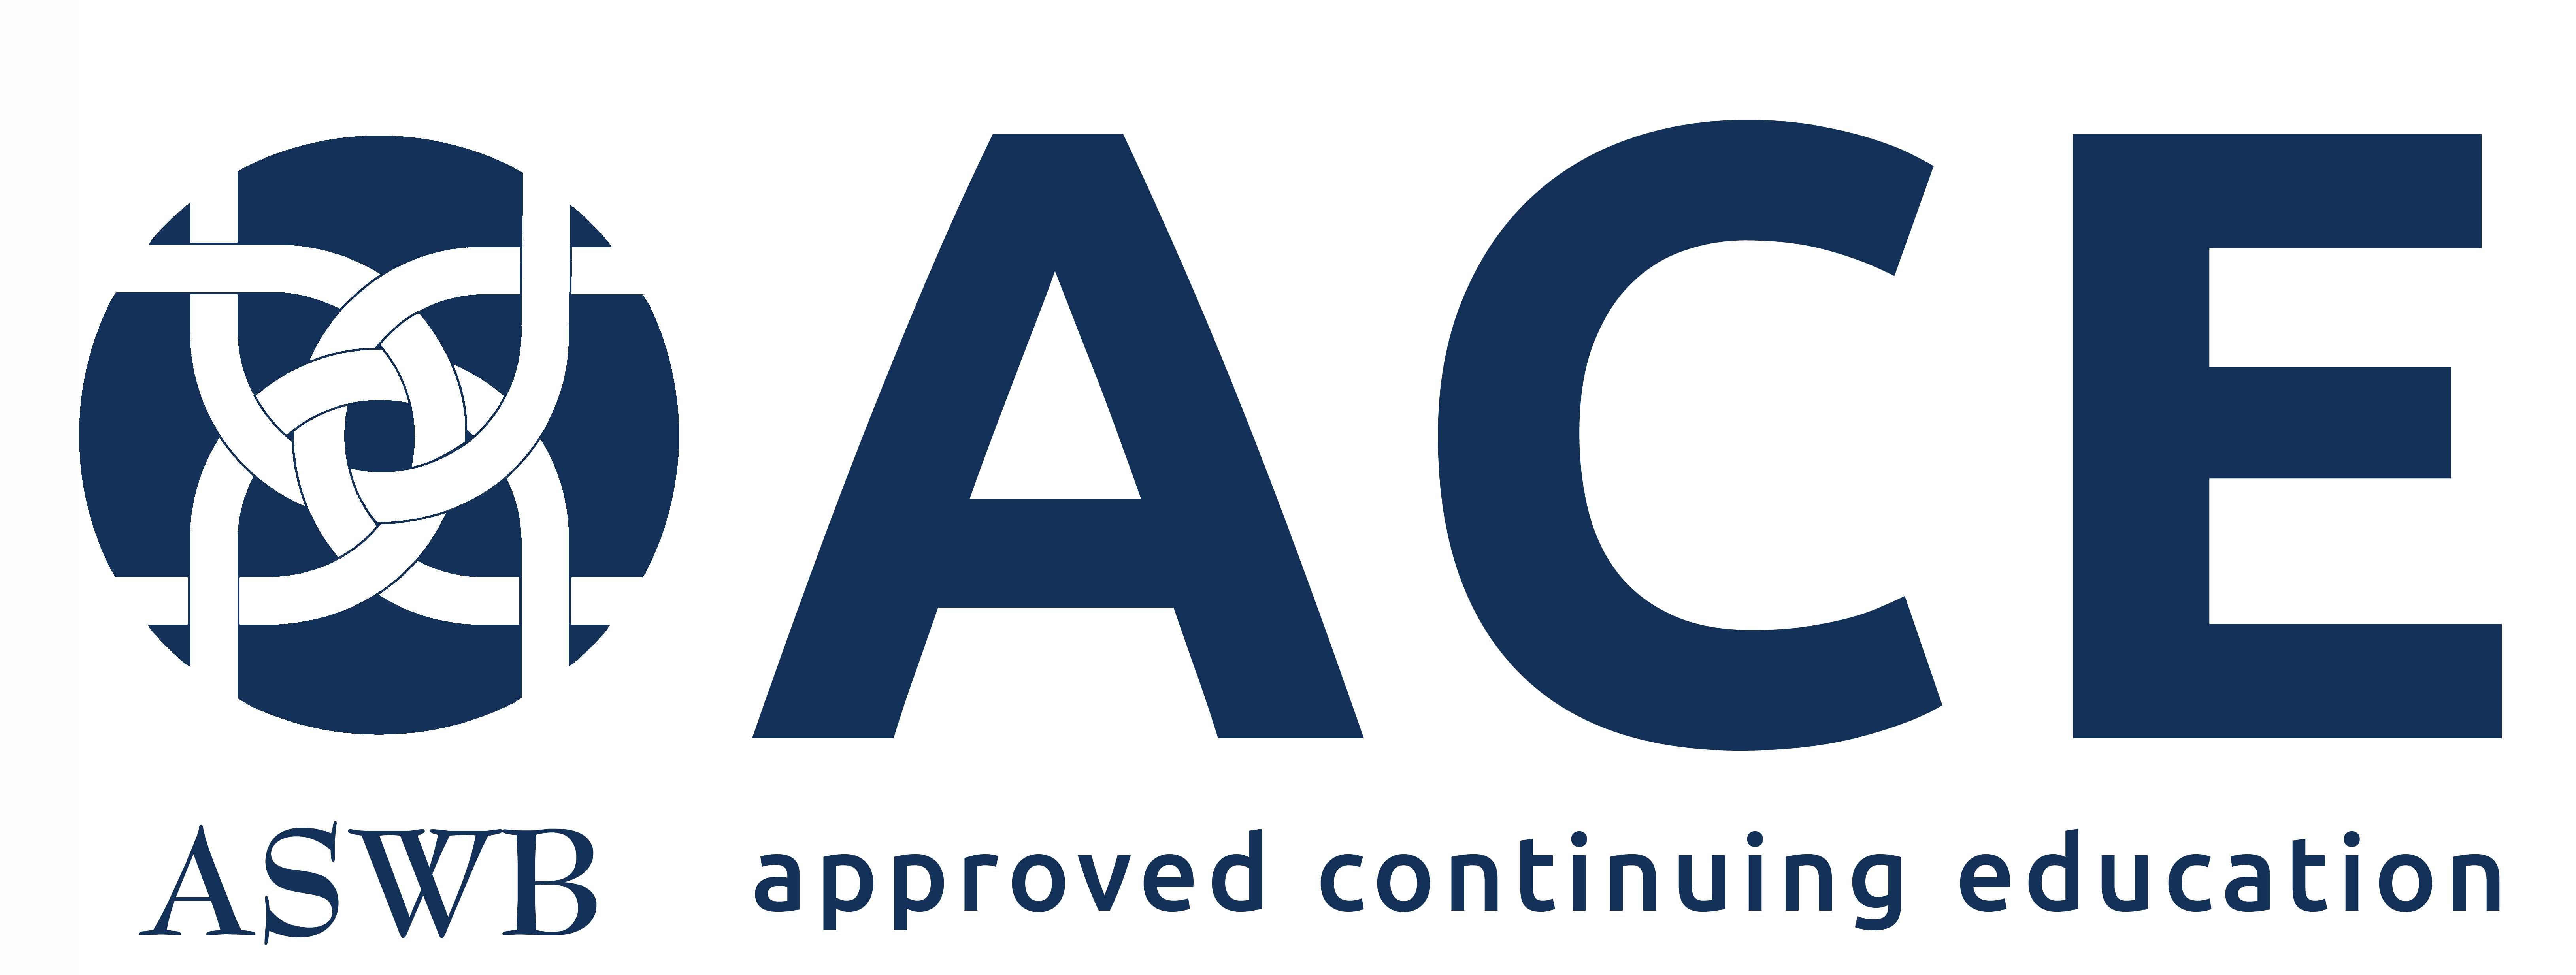 https://www.aswb.org/wp-content/uploads/2018/11/ACE-Logo-BLUE.jpg